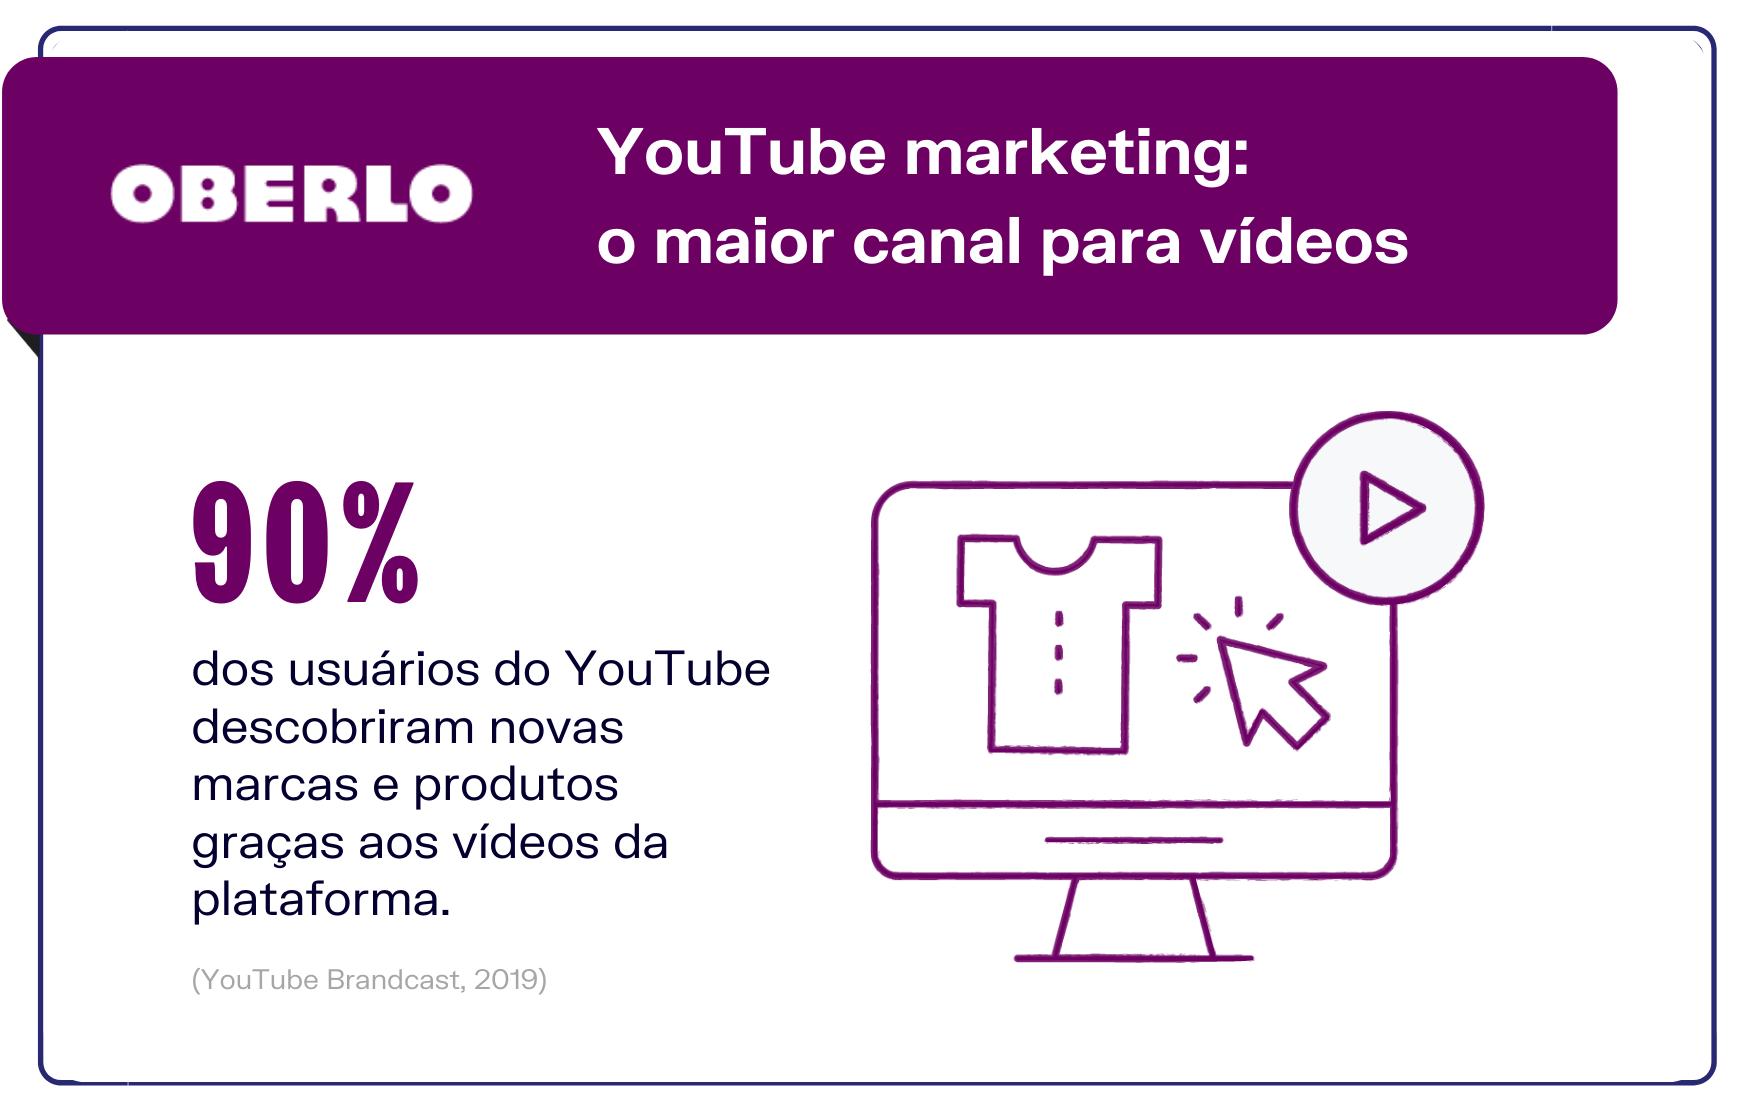 YouTube marketing: maior canal para anunciar em vídeo